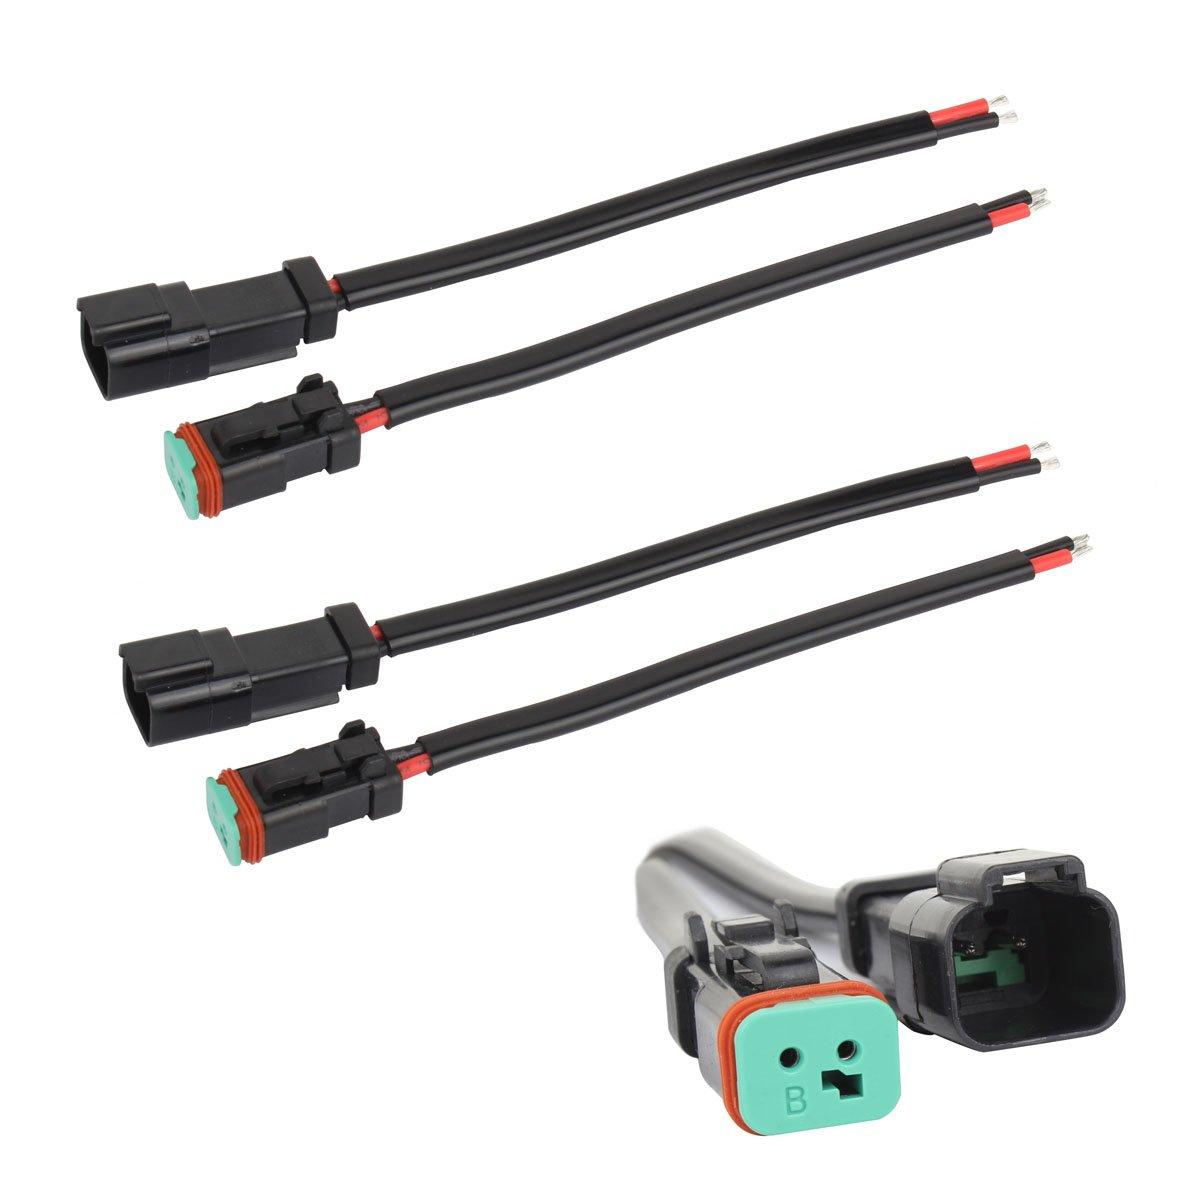 TOMALL 2 conducteurs Deutsch DT DTP 2 broches Adaptateur de prise pour la lumi/ère de travail de LED Connecteurs de rattrapage